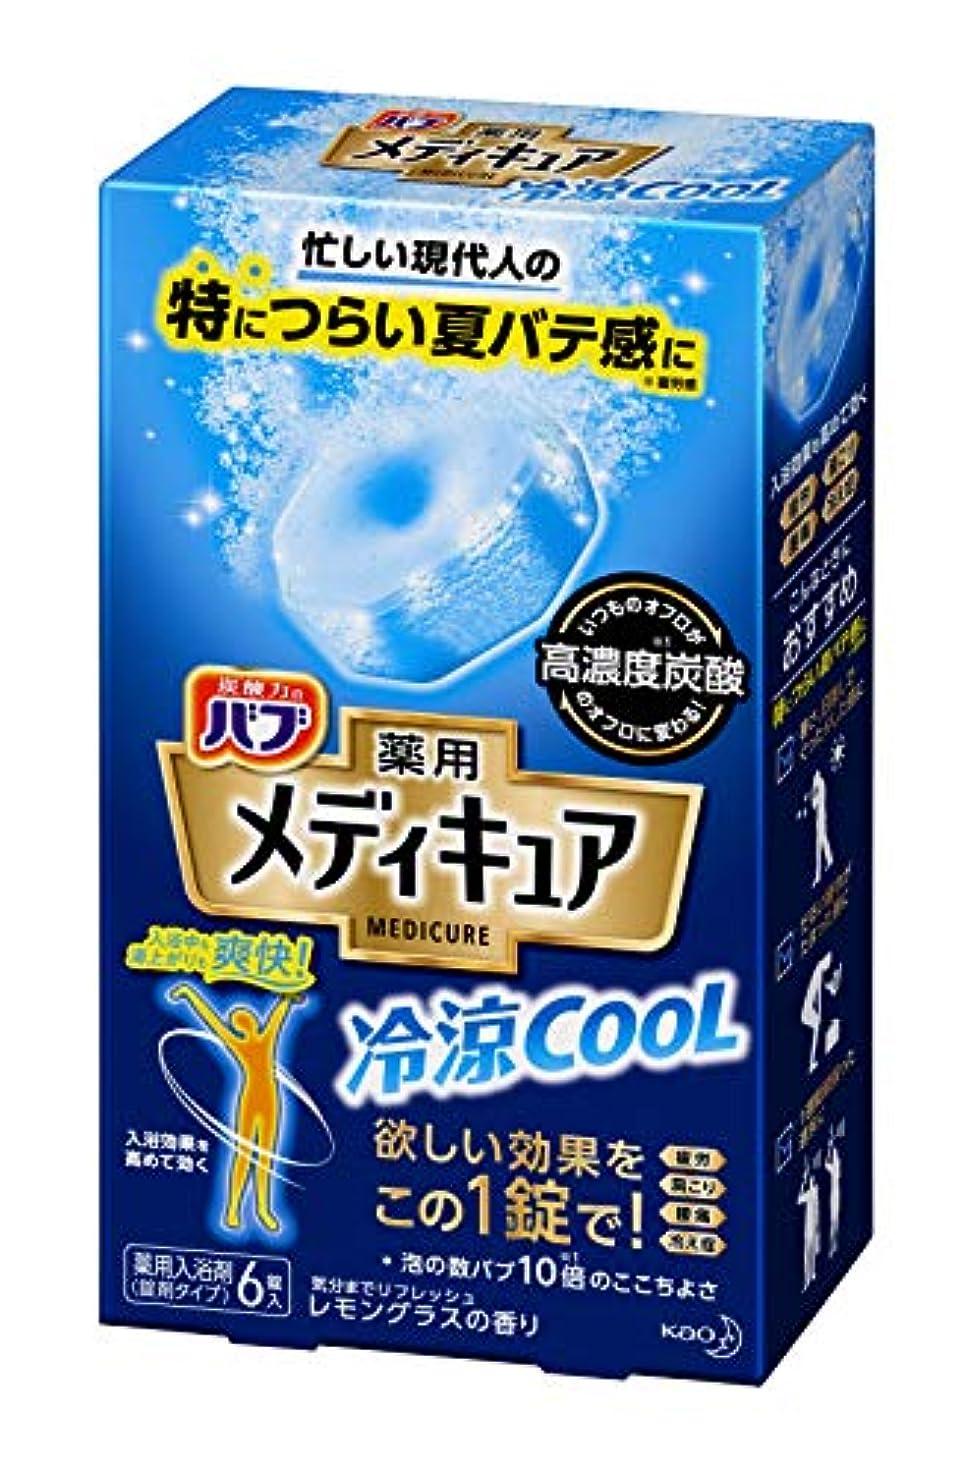 啓示入口ギャザーバブ メディキュア 冷涼クール レモングラスの香り 6錠入 高濃度 炭酸 温泉成分 (泡の数バブの10倍)